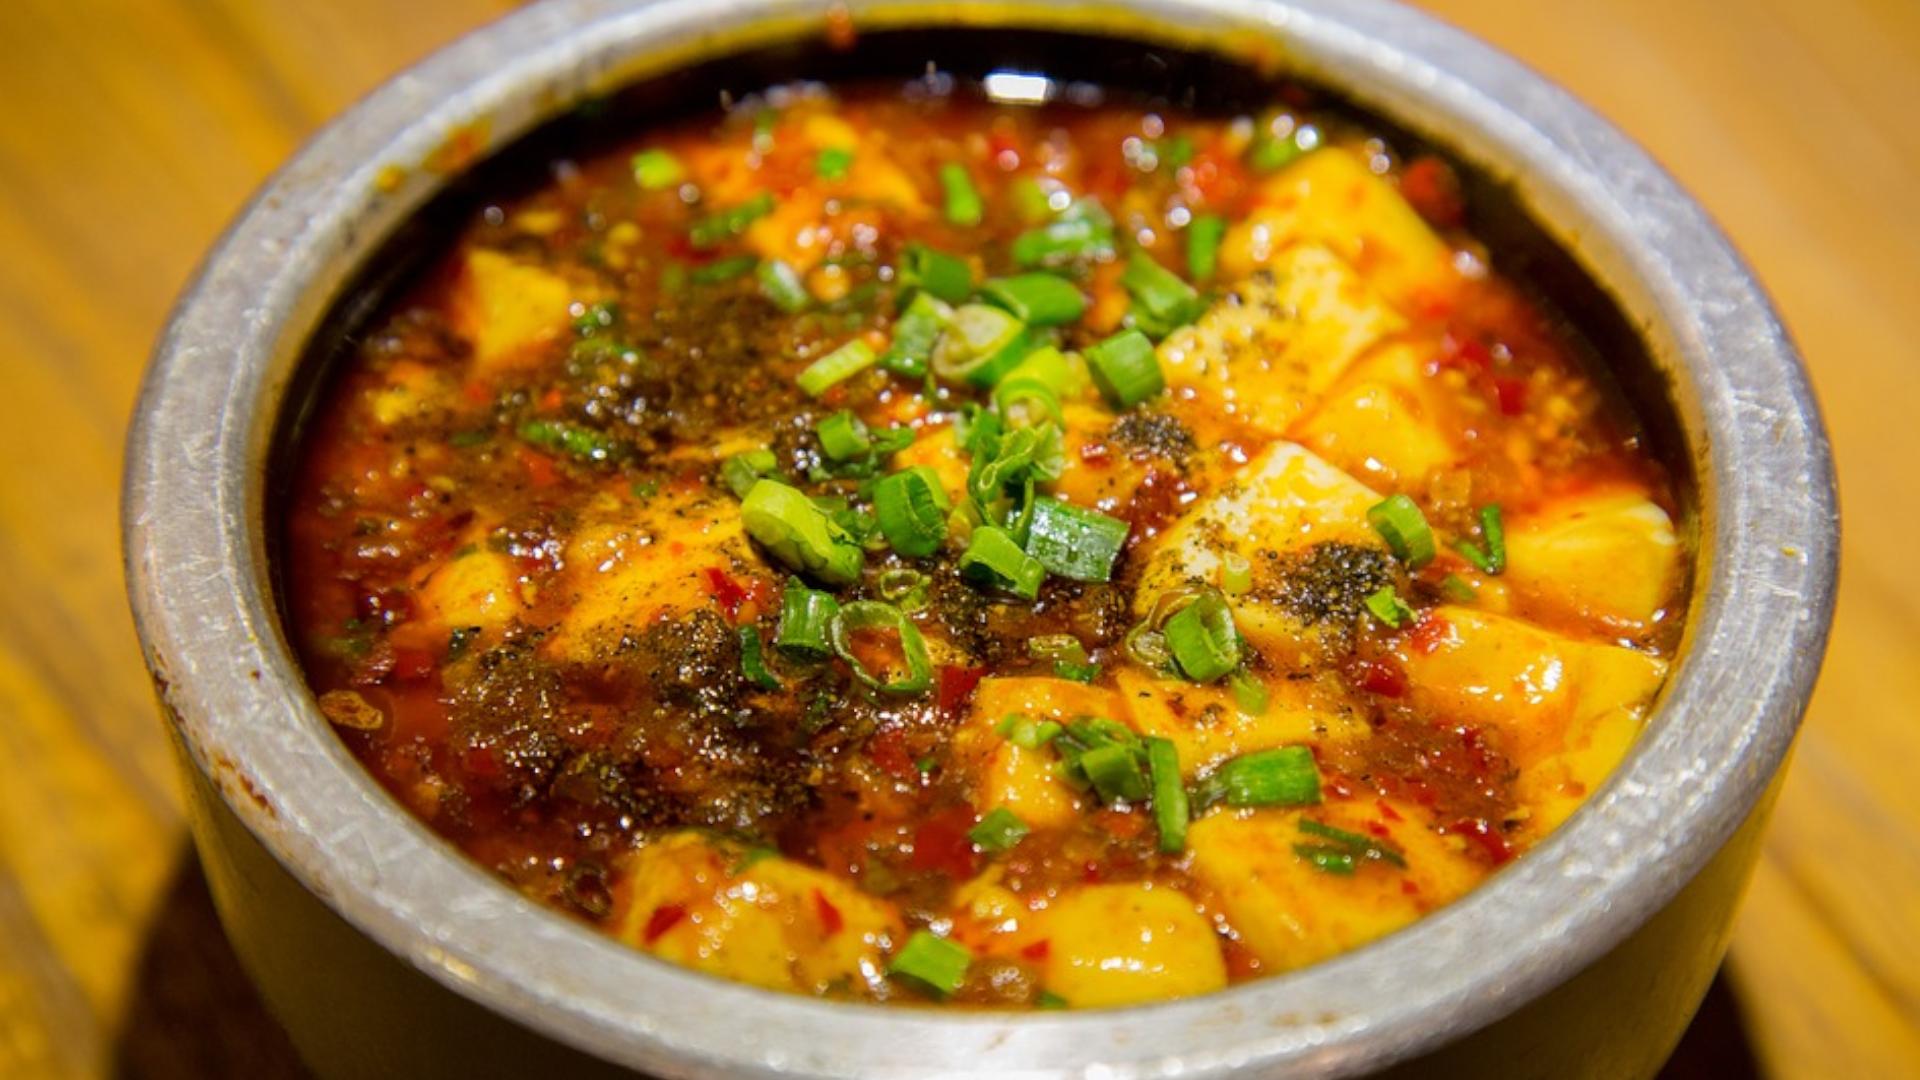 Rezepte mit Tofu - 3 leckere Gerichte im Überblick